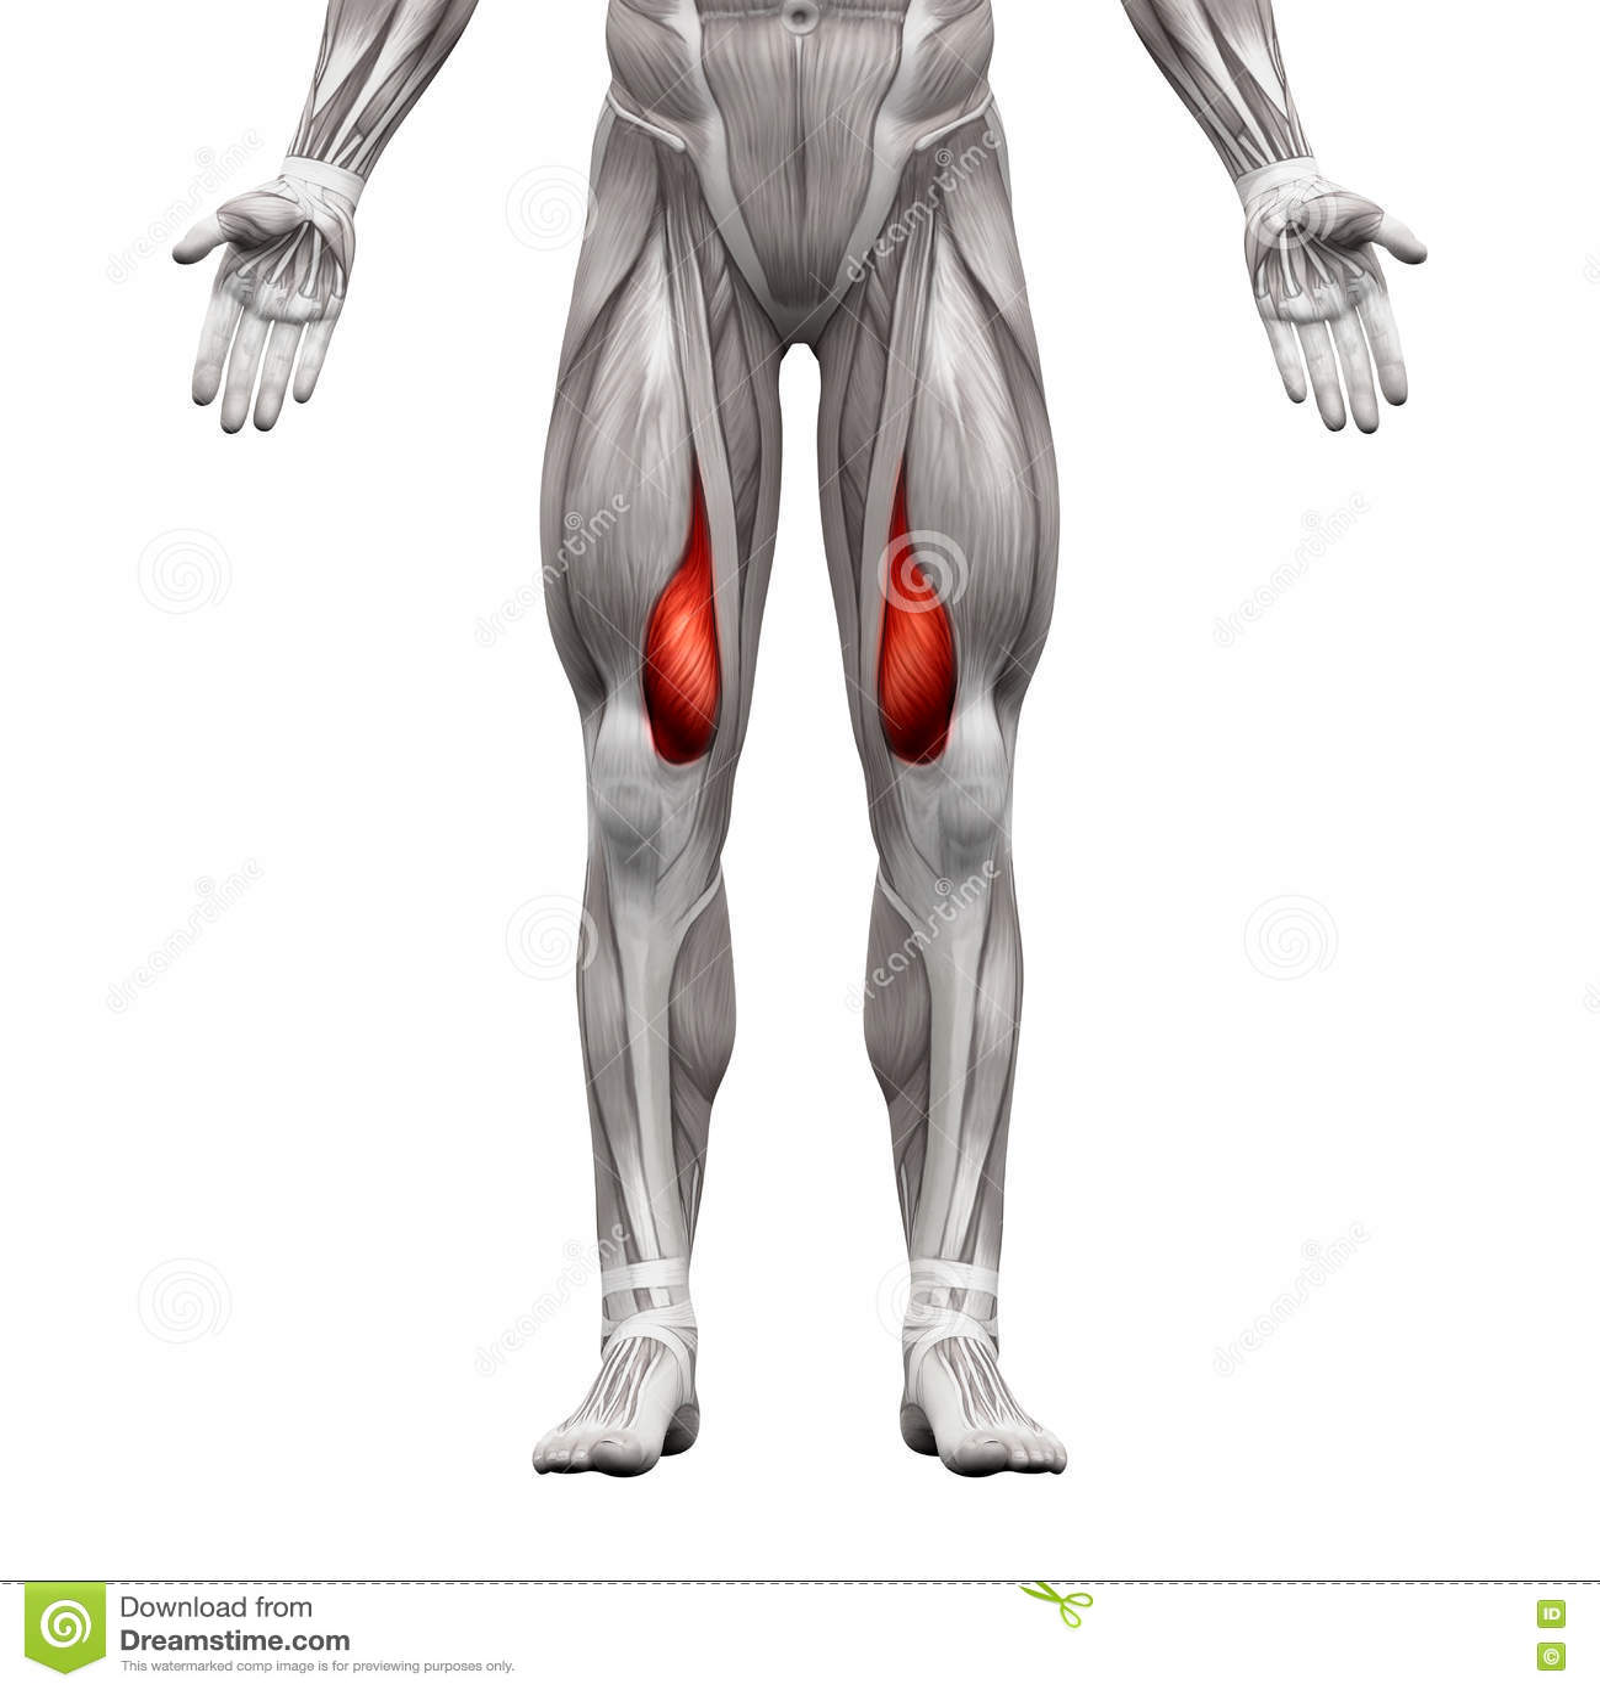 Nett Muskelanatomie App Galerie - Anatomie Von Menschlichen ...